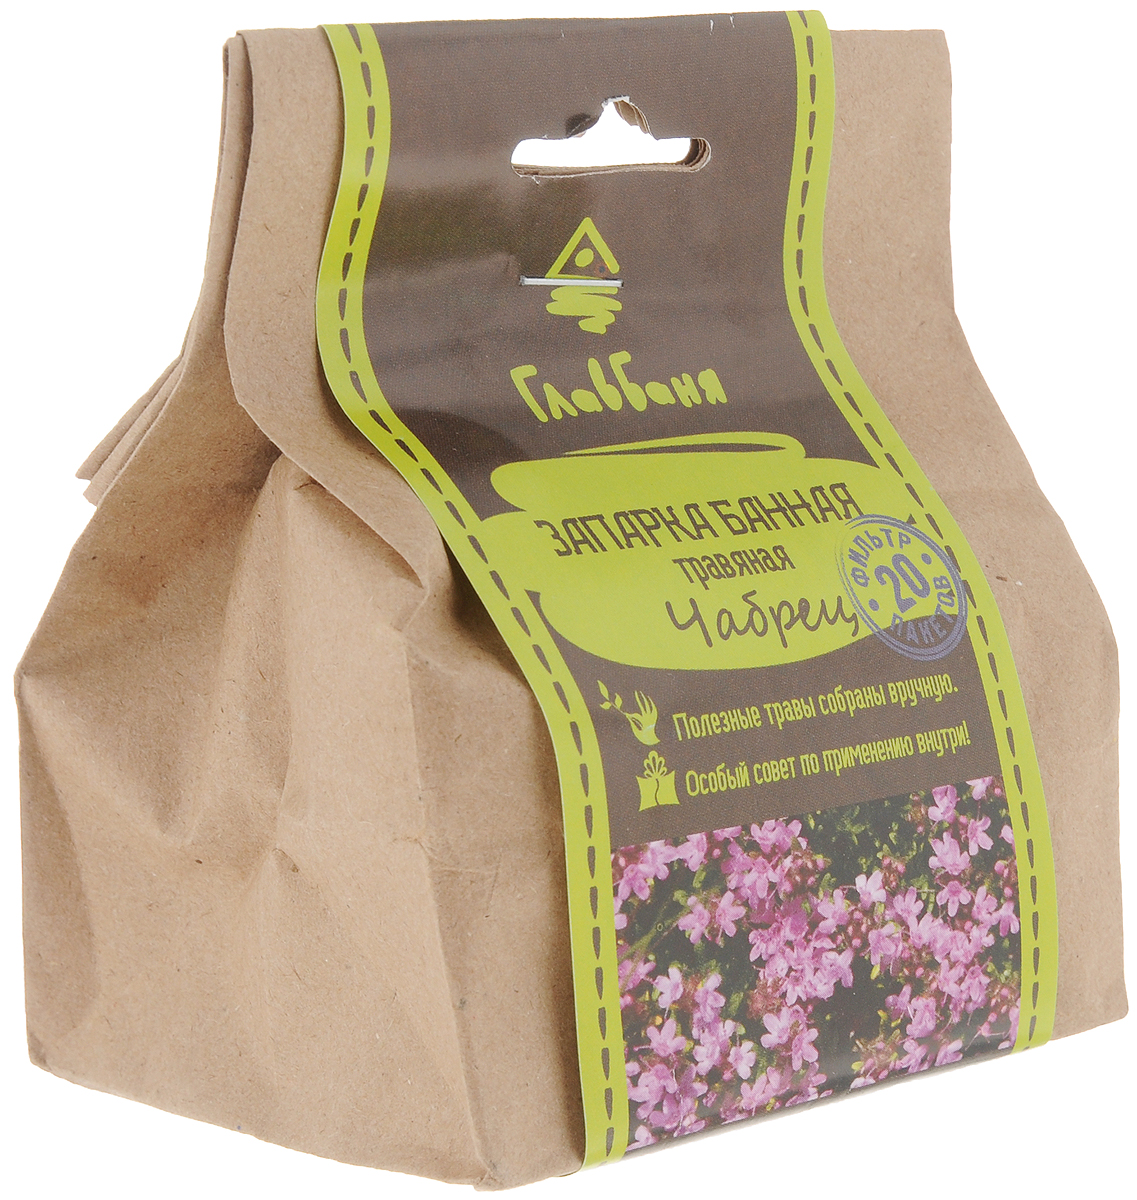 Запарка для бани и сауны Главбаня Чабрец, 20 фильтр-пакетиков787502Главбаня Чабрец - травяная запарка для бани и сауны, которые являются идеальным местом для того, чтобы испытать на себе лечебные свойства трав и сборов. Чабрец обладает детоксицирующим, выраженным антисептическим и противомикробными свойствами, стимулирует кровообращение, нормализует сердечный ритм. Благодаря содержащимся в растениях микроэлементам, витаминам и фитонцидам происходит оздоравливающее воздействие на кожу и весь организм в целом.Настоящие ценители русской бани обязательно оценят аромат и полезные свойства чабреца. Запарку рекомендуют подготавливать за 15 минут до принятия ванны или бани. В емкость с водой (2-5 л) помещается мешочек с травами, закрывается крышкой. Настаивать рекомендуется 15-20 минут. Запарку можно применять для компрессов, ополаскивания тела и волос. Для придания аромата можно полить немного отвара на раскаленные камни.Количество фильтр-пакетиков: 20 шт.Товар сертифицирован.